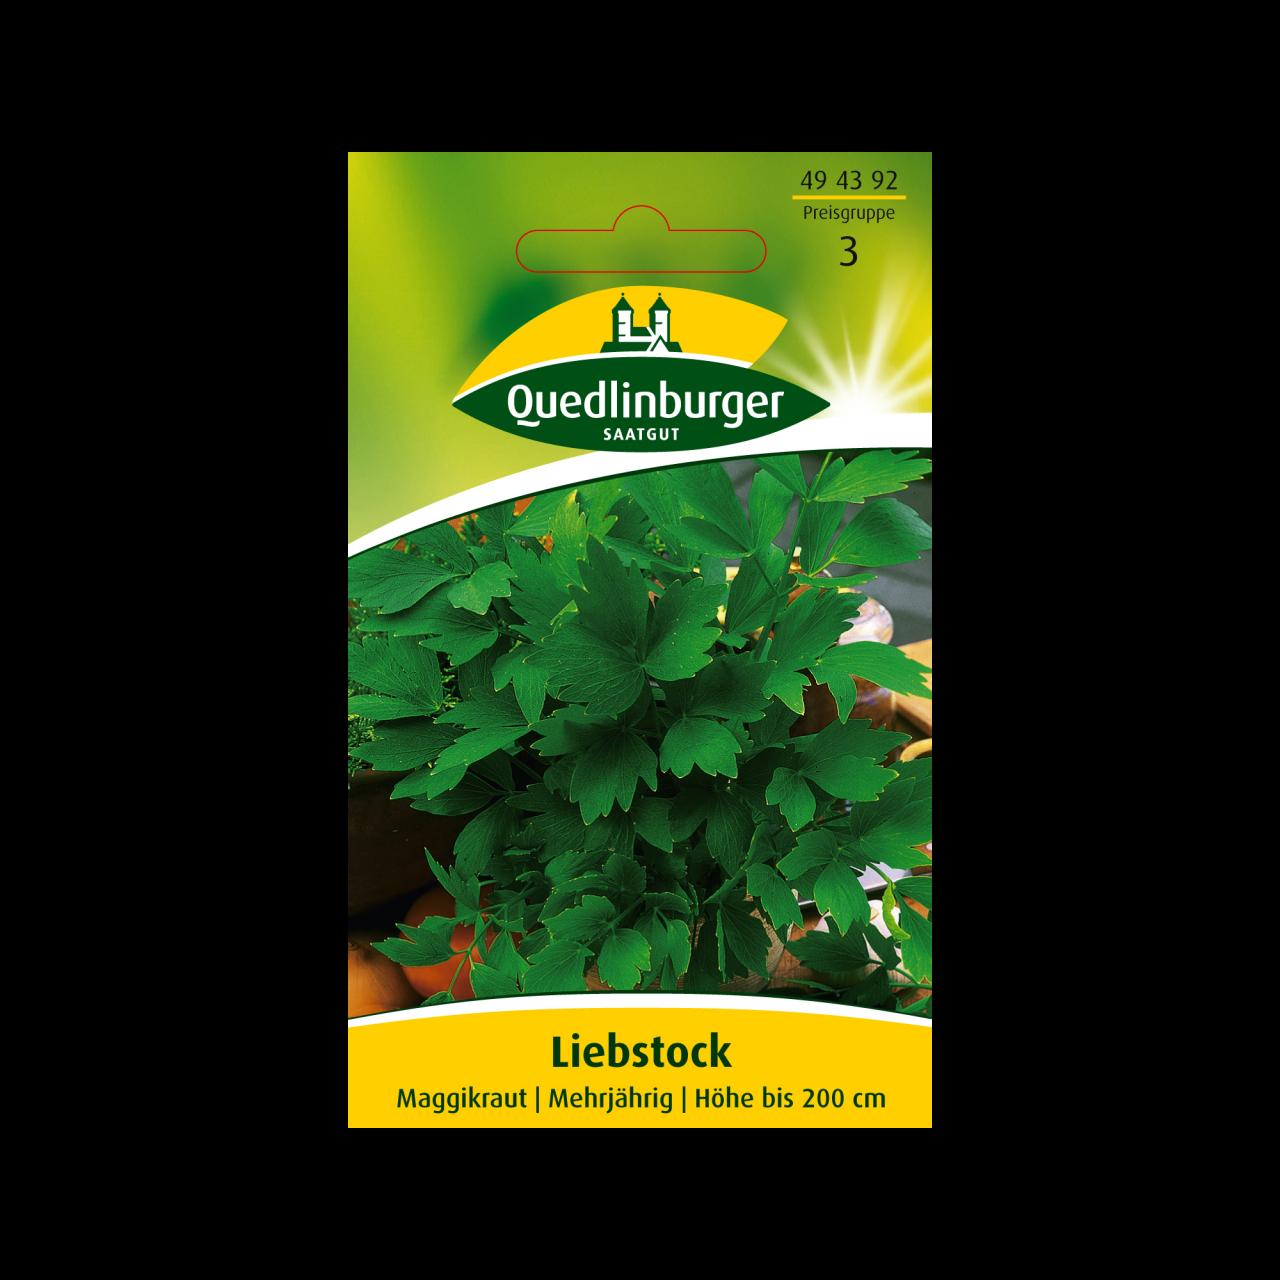 Liebstock Samen Quedlinburger Saatgut Vorderseite